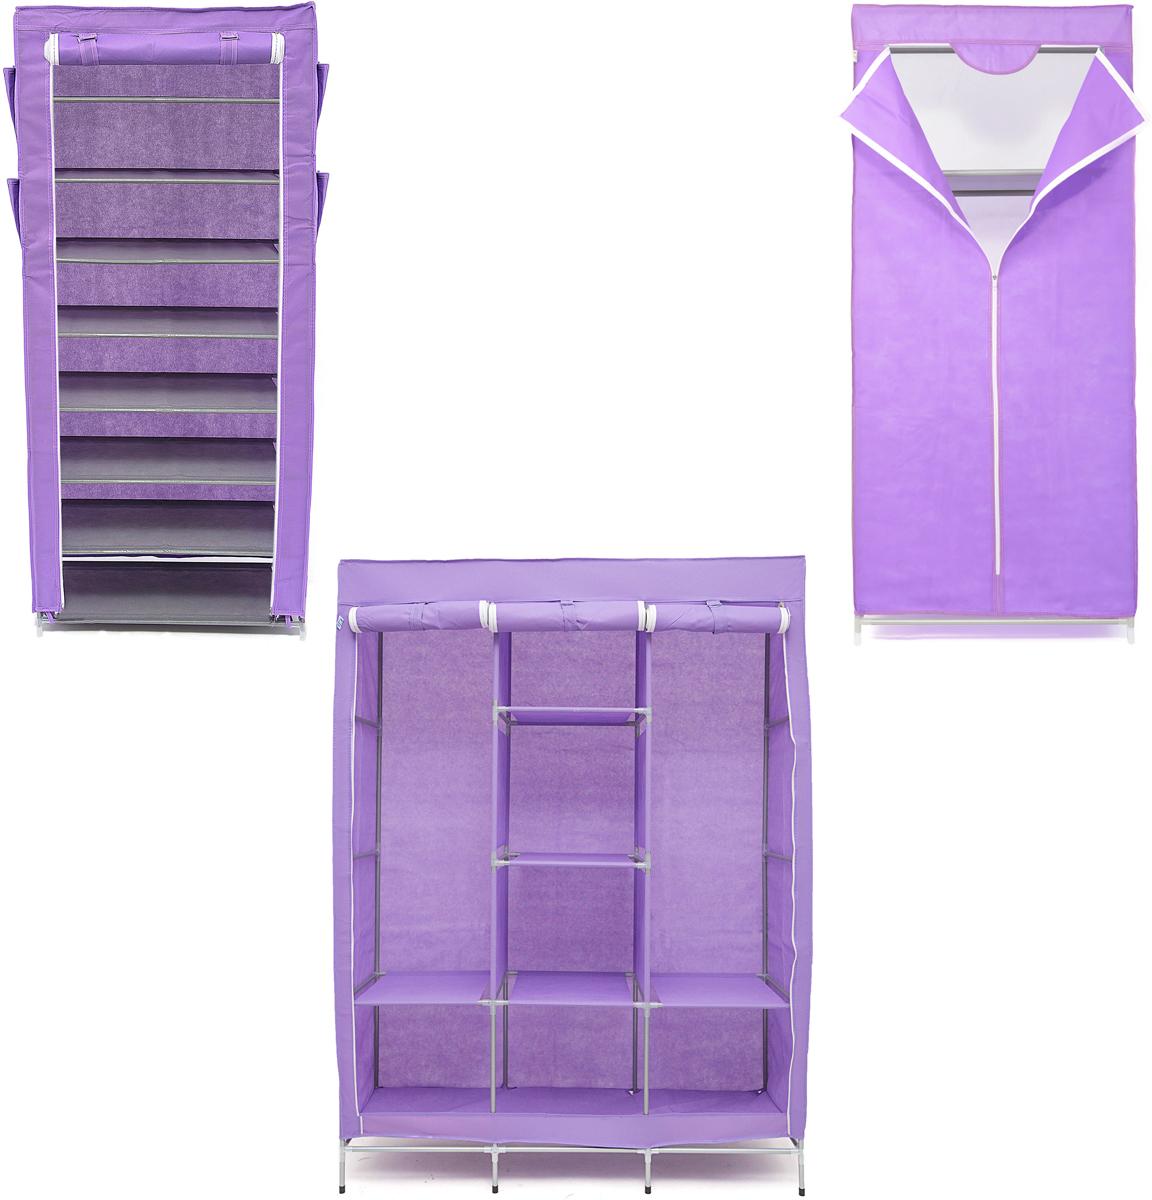 Набор кофров для хранения Homsu, универсальный, цвет: фиолетовый, 3 штS03301004Уникальный дизайн этого комплекта станет настоящим украшением для любого интерьера. Практичная составляющая подобной мебели также вне сомнений. Лёгкие и прочные устойчивые конструкции из каркасов и тканевой обивки могут быть легко собраны вами без посторонней помощи, буквально за несколько минут.Такая мебель будет всегда удобной и максимально практичной, ведь верхнюю тканевую часть при надобности можно всегда постирать либо же попросту поменять на аналогичную другого цвета. Кроме того, такие конструкции всегда будут отличным решением для того, кому по душе мобильность и постоянная смена обстановки. 1300х450х1720; 680х450х1550; 600х300х1360